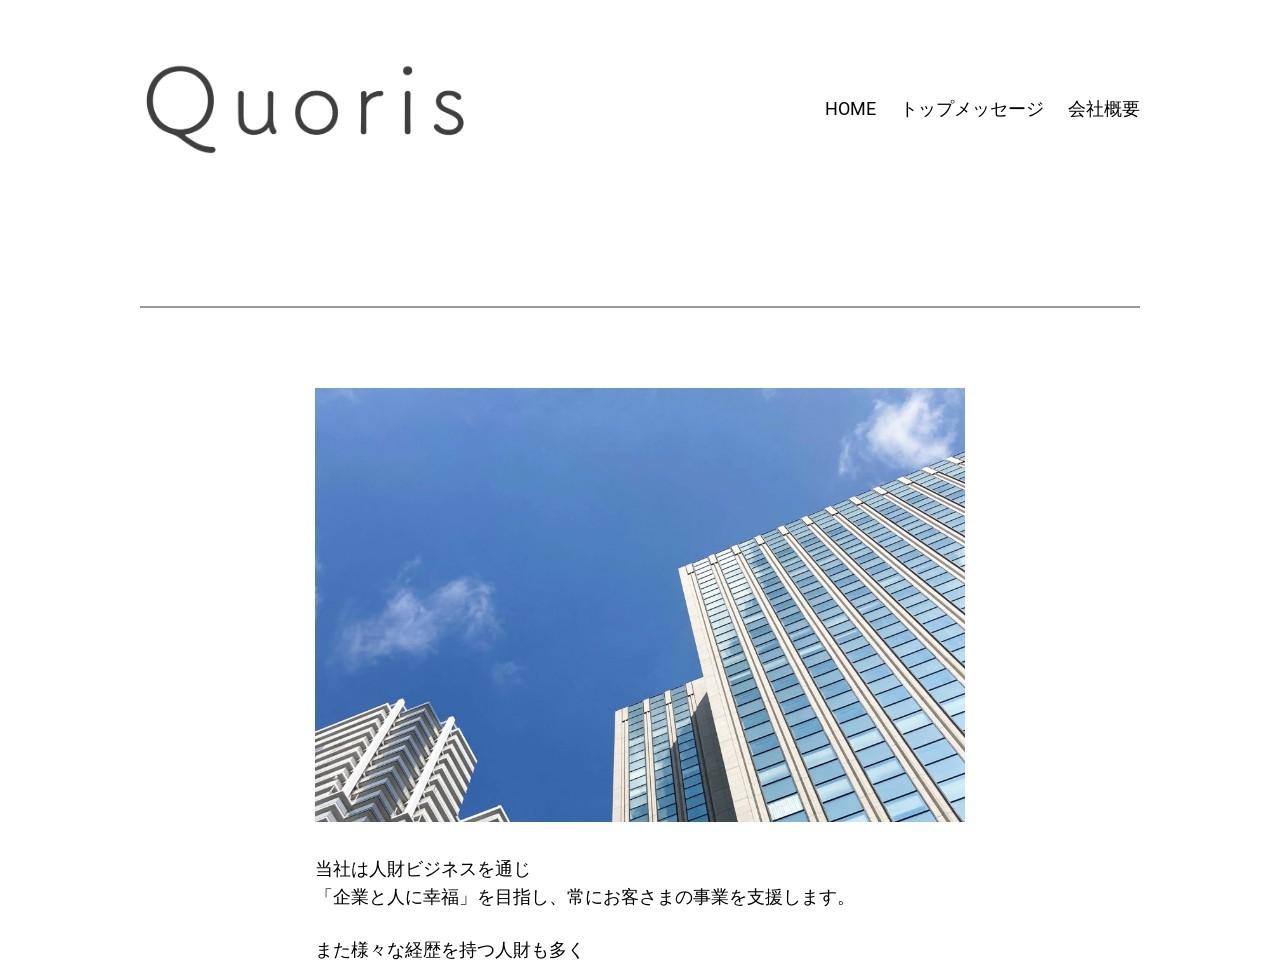 創庫生活館武庫之荘店は2017年12月を持って閉店いたしました